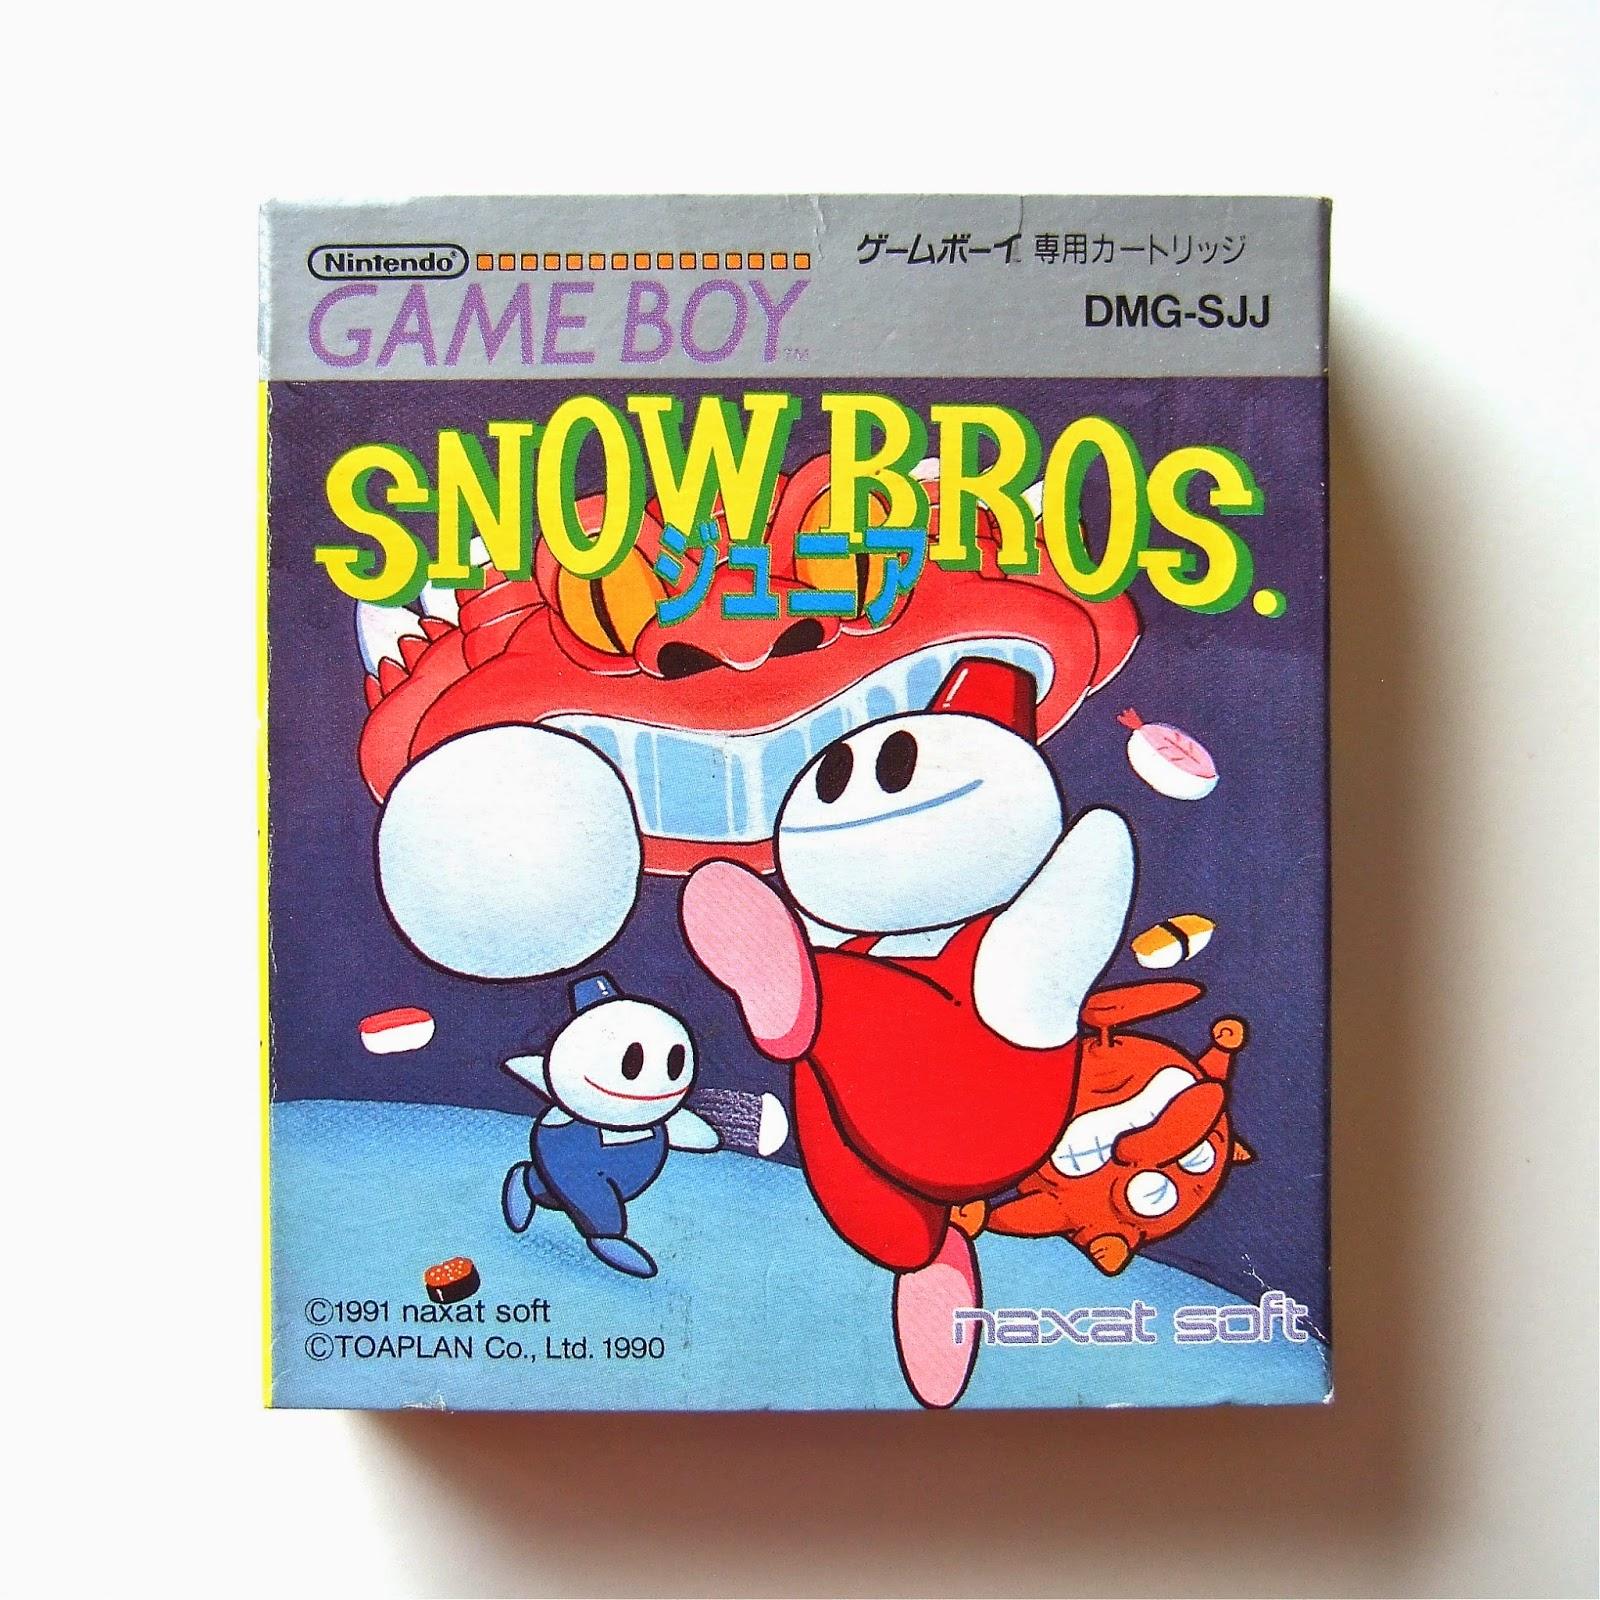 Snow Bros Sprite is 1991's Snow Bros